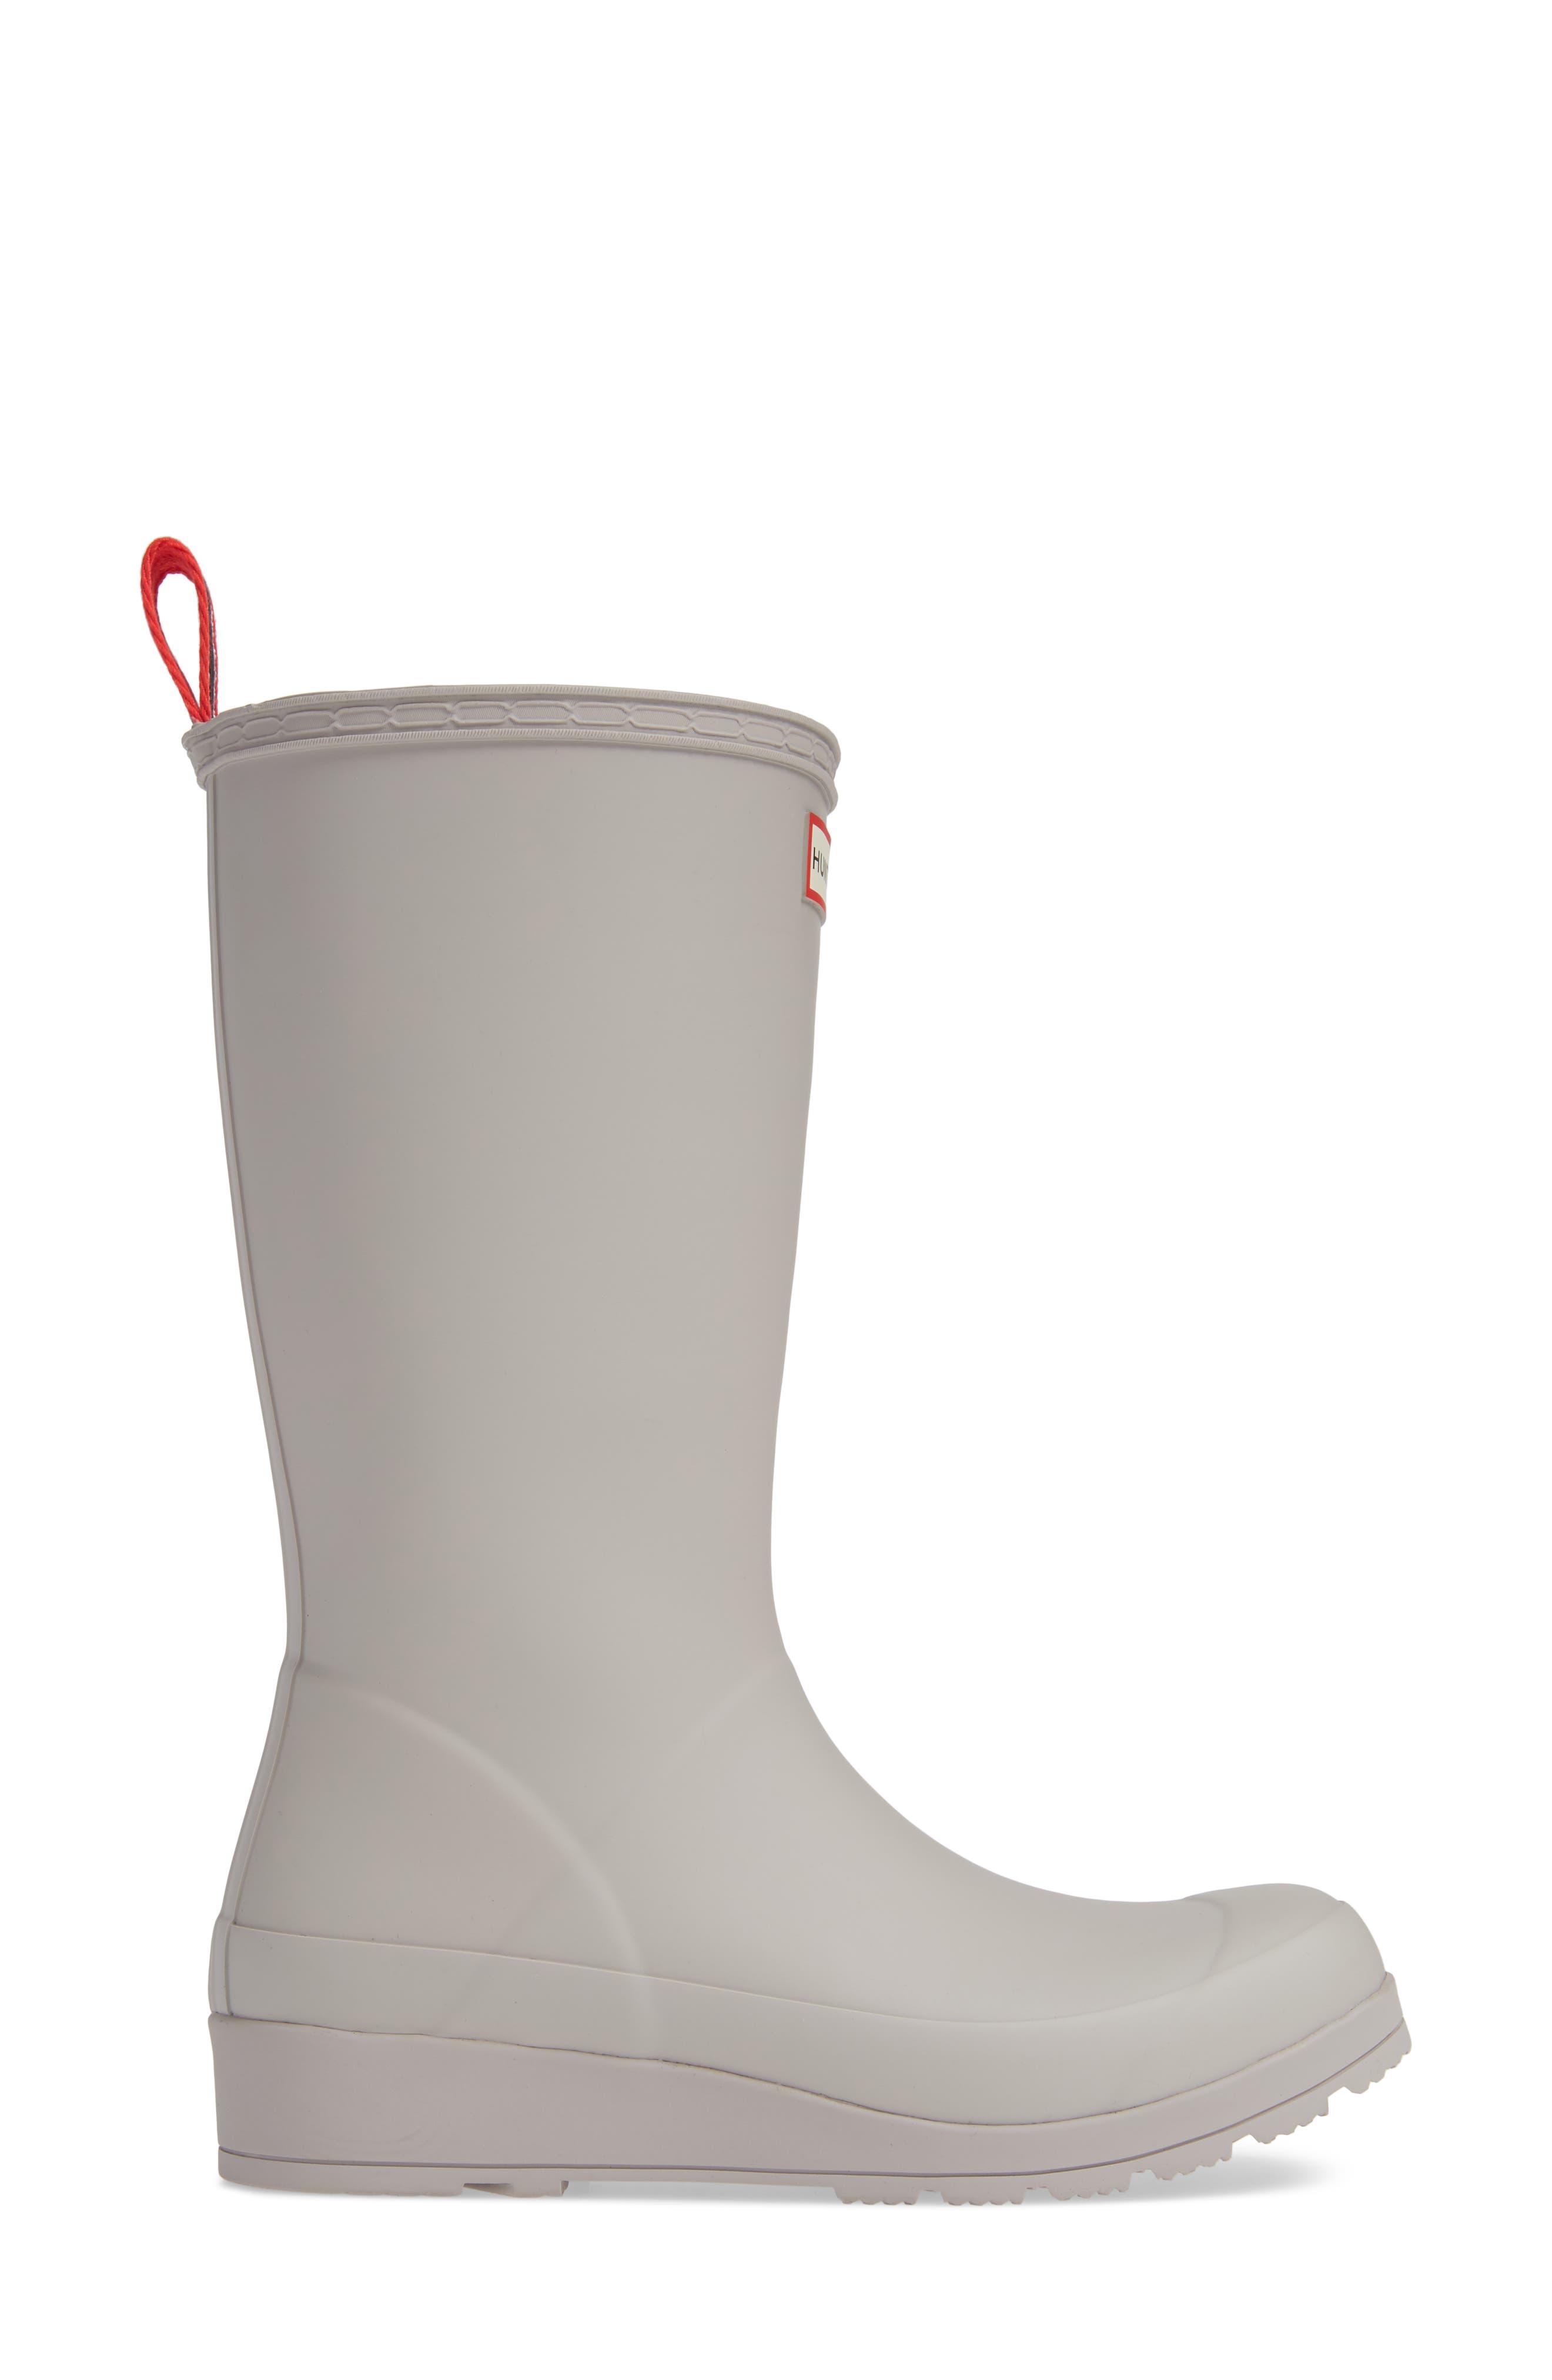 Original Play Tall Waterproof Rain Boot,                             Alternate thumbnail 3, color,                             ZINC